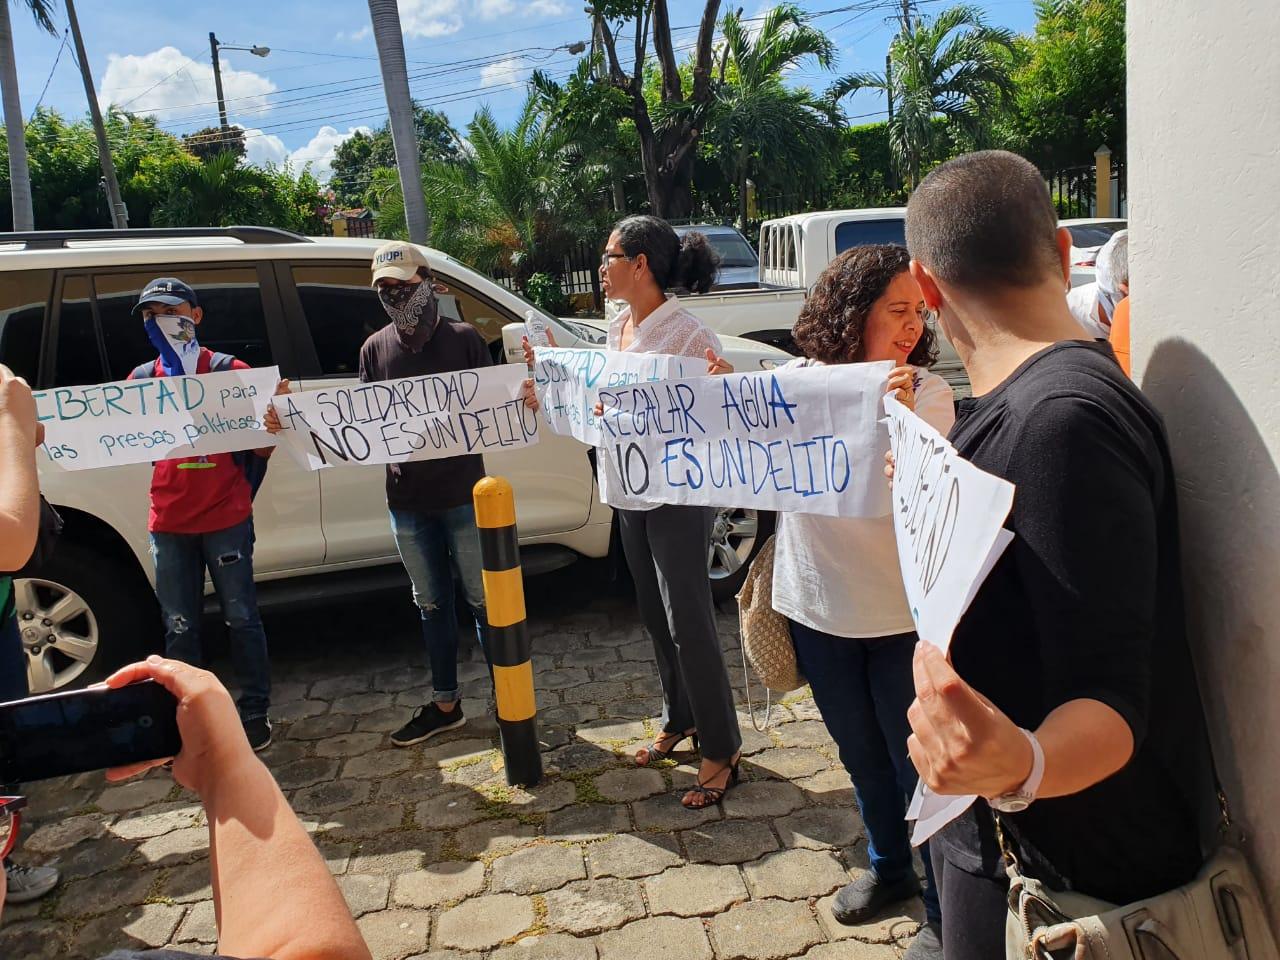 Realizaron un piquete exprés en demanda de la libertad de todos los presos políticos. Foto: Álvaro Navarro / Artículo 66